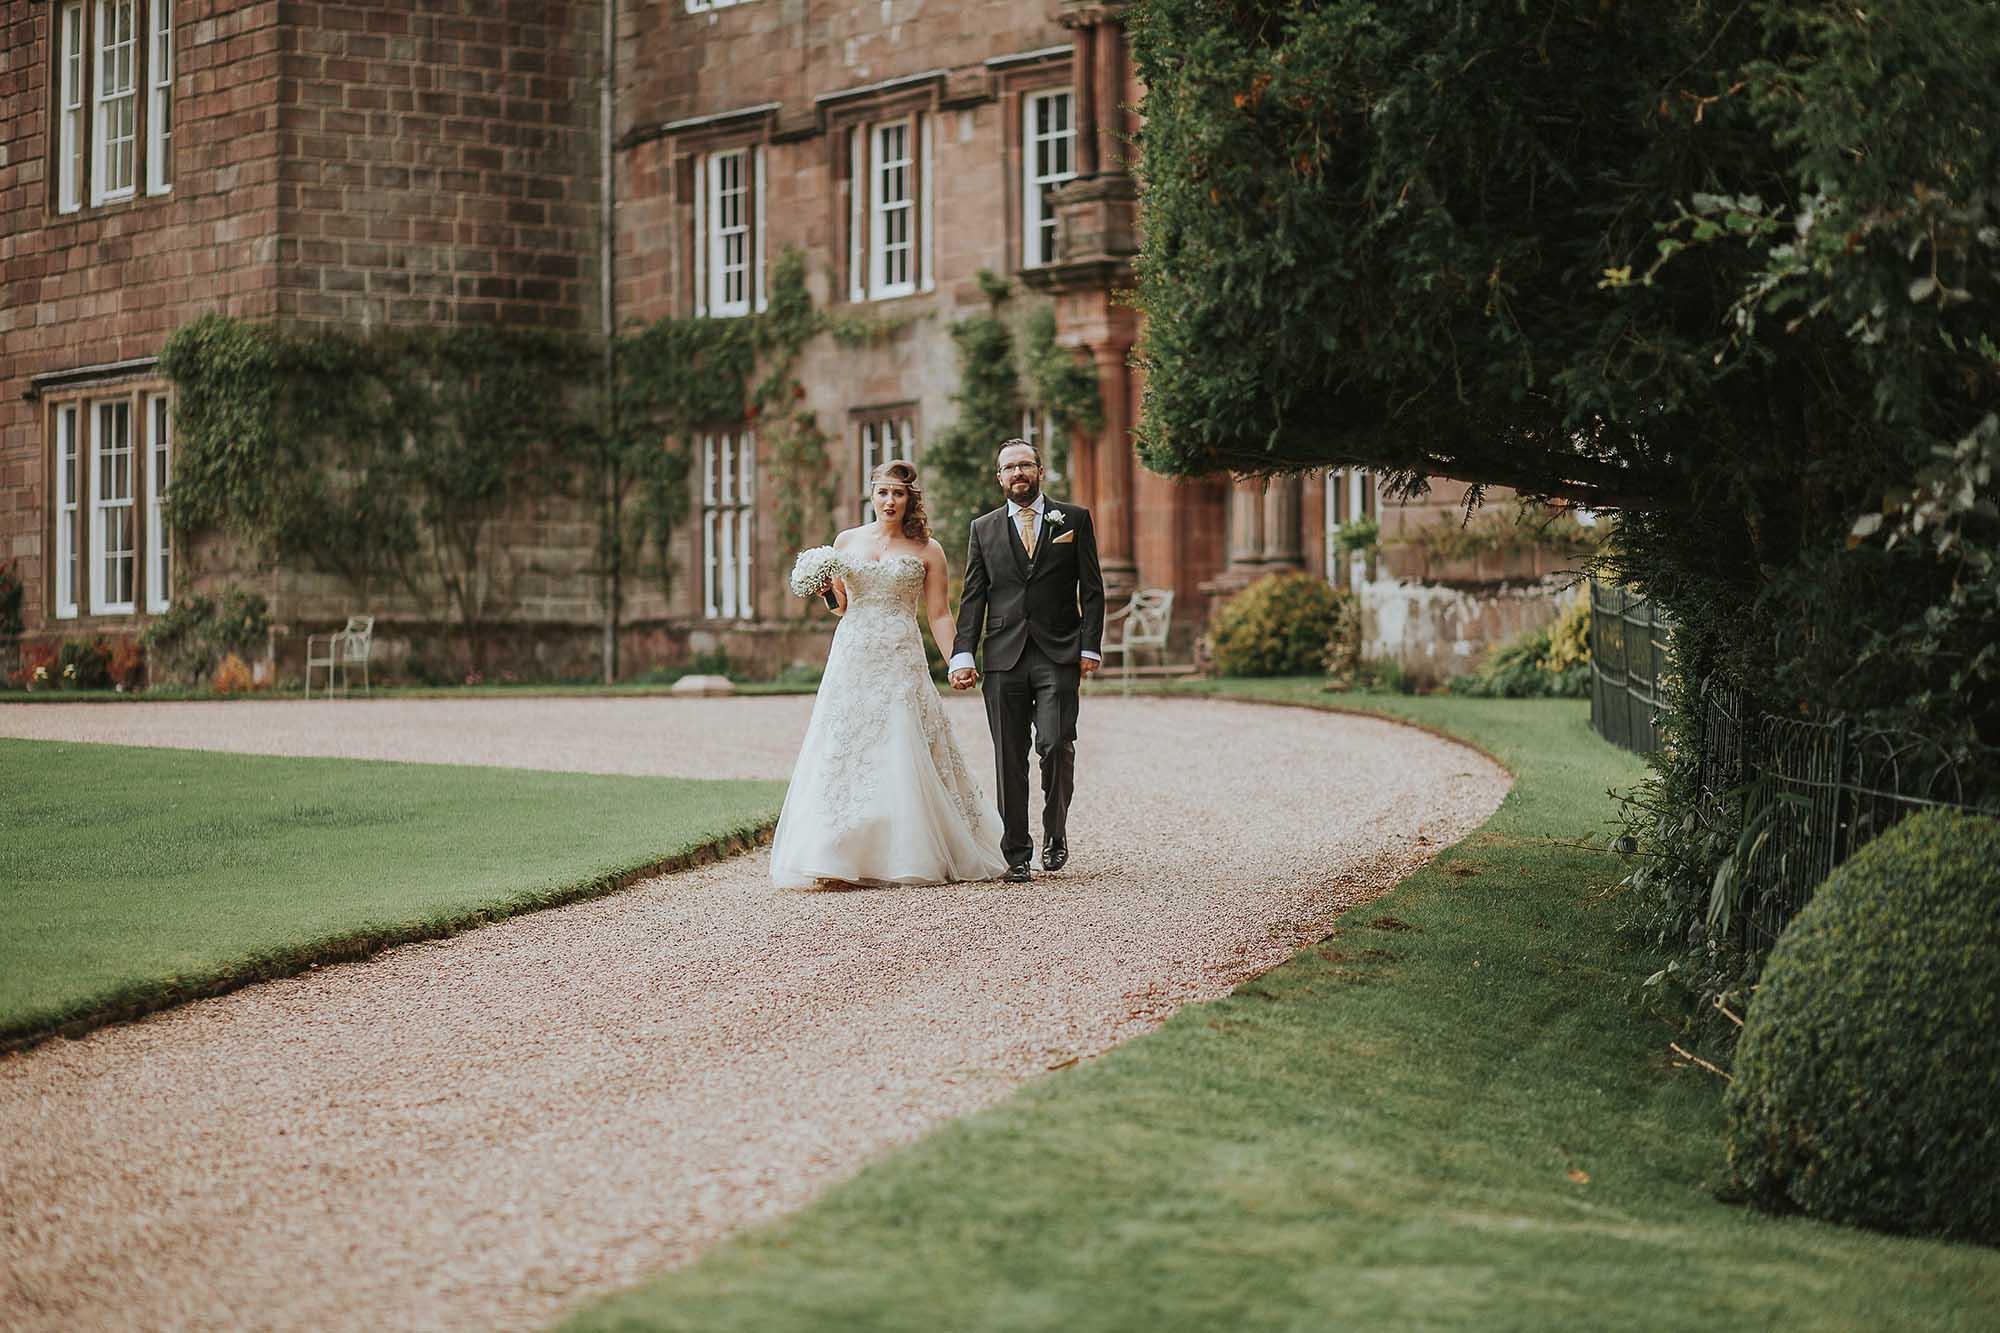 Browsholme Hall and Tithe Barn wedding photos